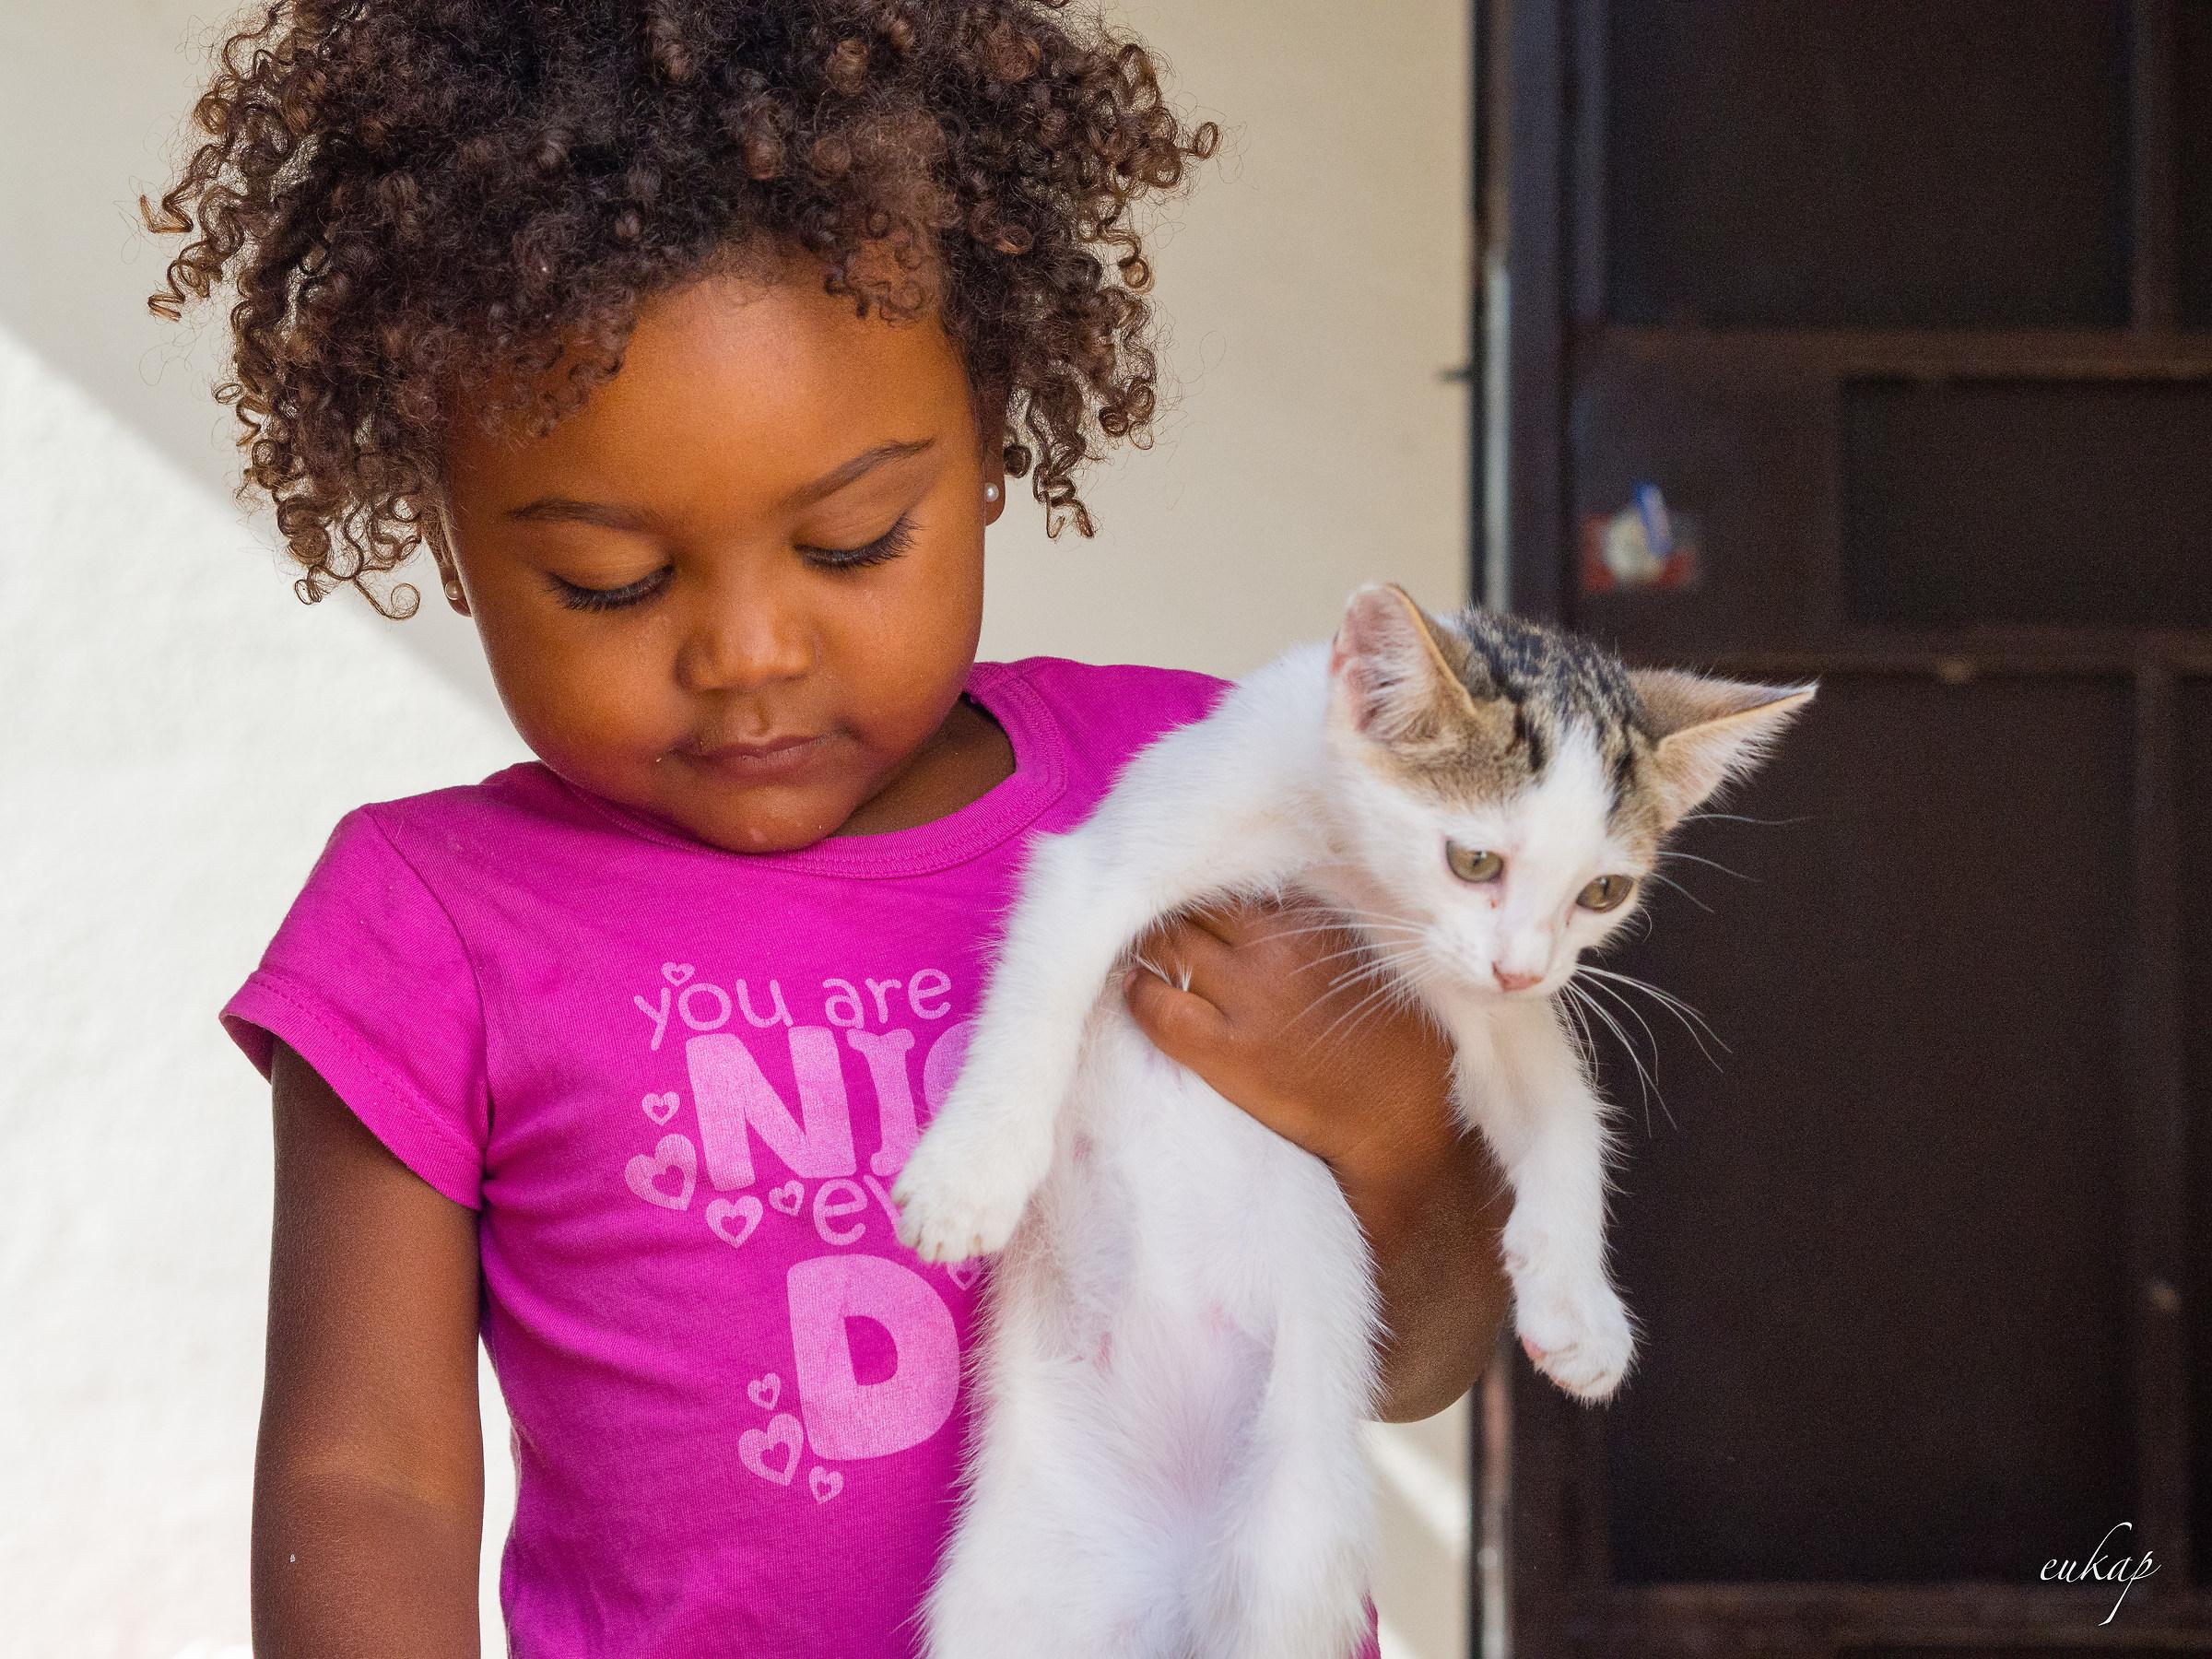 Il gatto e la bambina...